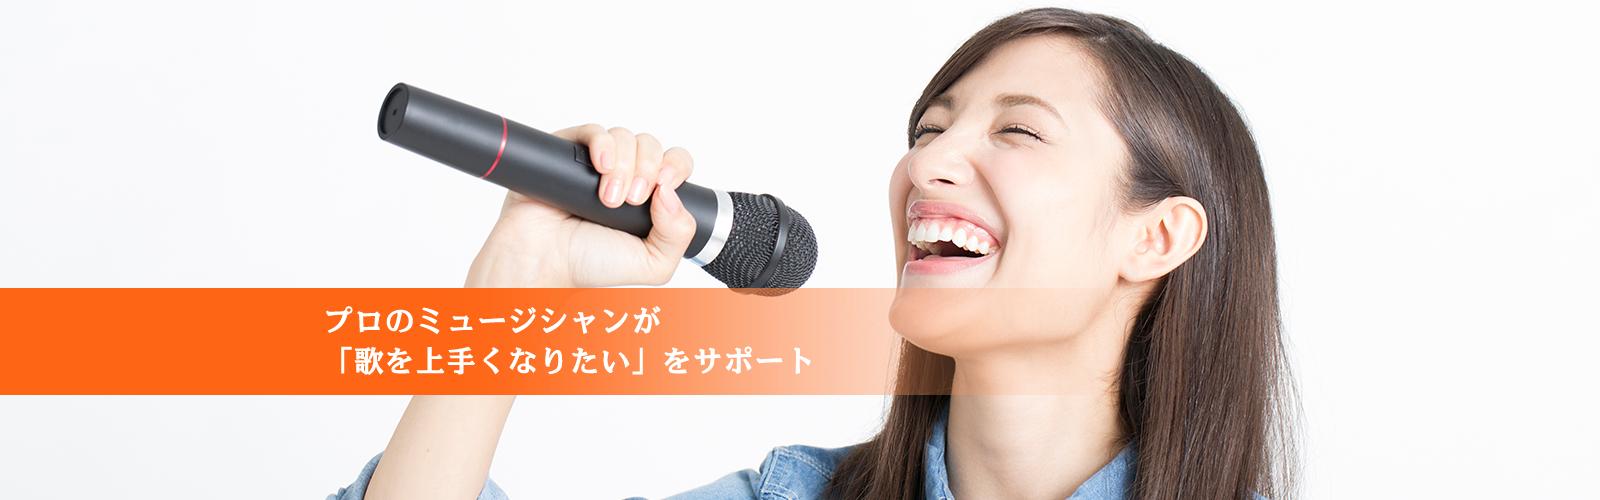 プロのミュージシャンが「歌を上手くなりたい」をサポート